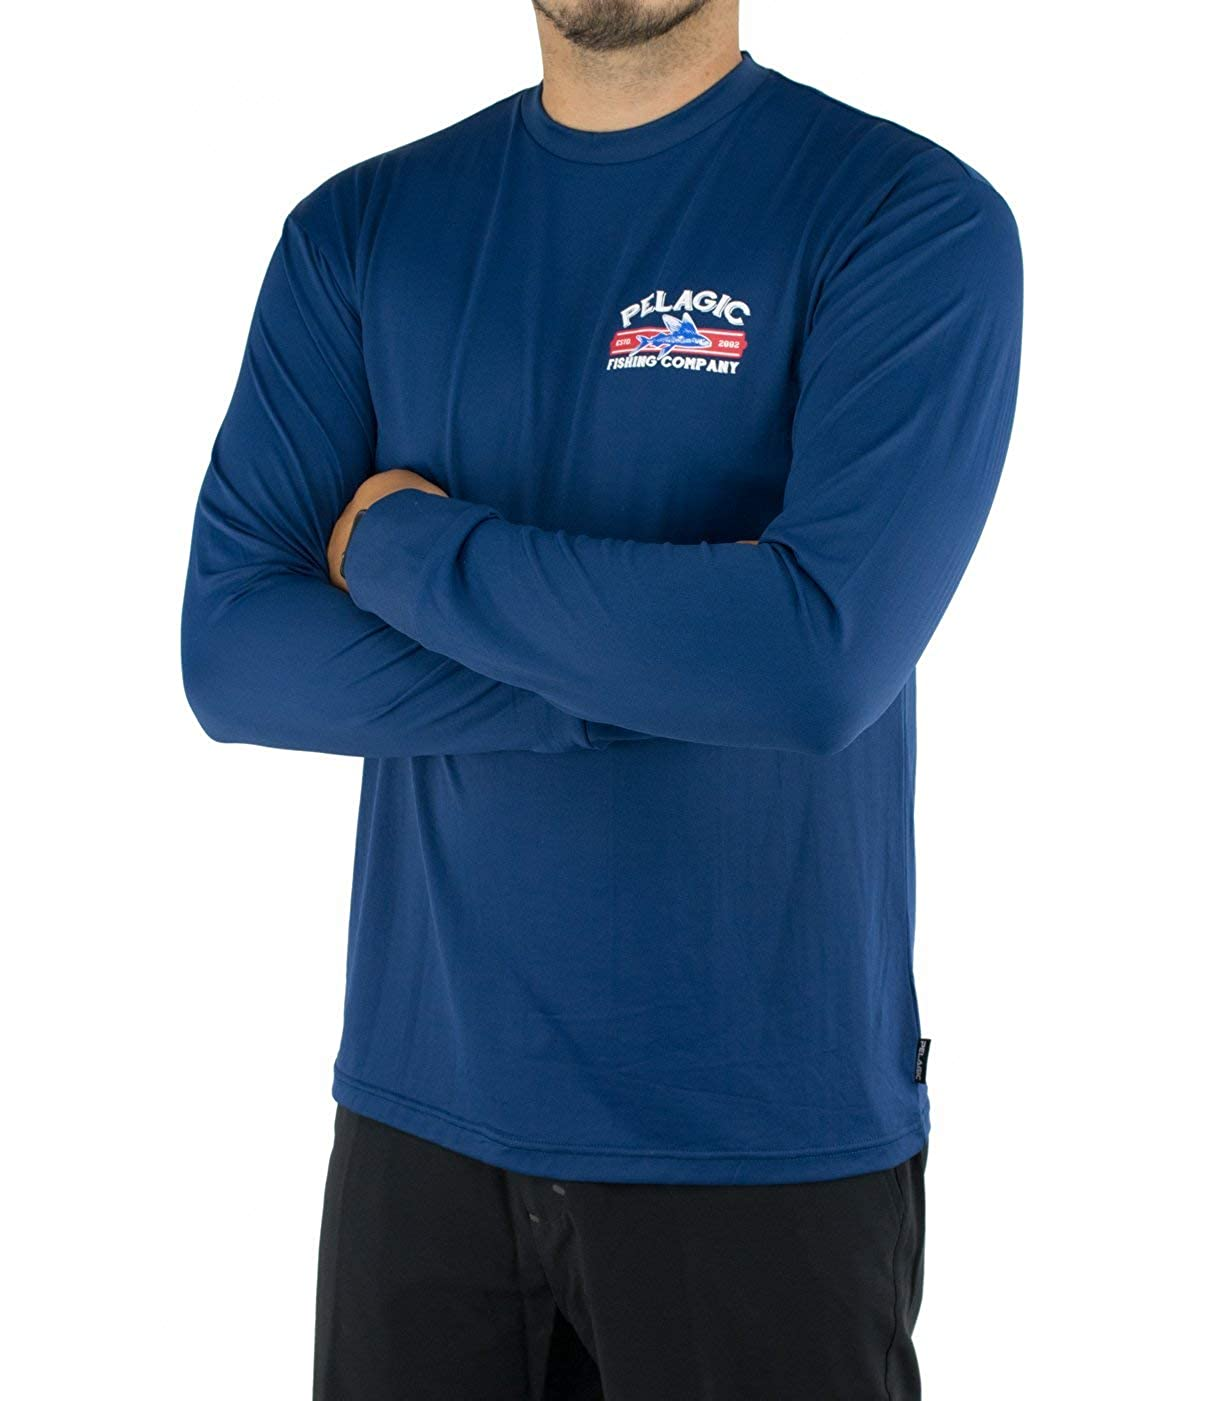 PELAGIC Aquatek Fish Co Long Sleeve Performance Shirt